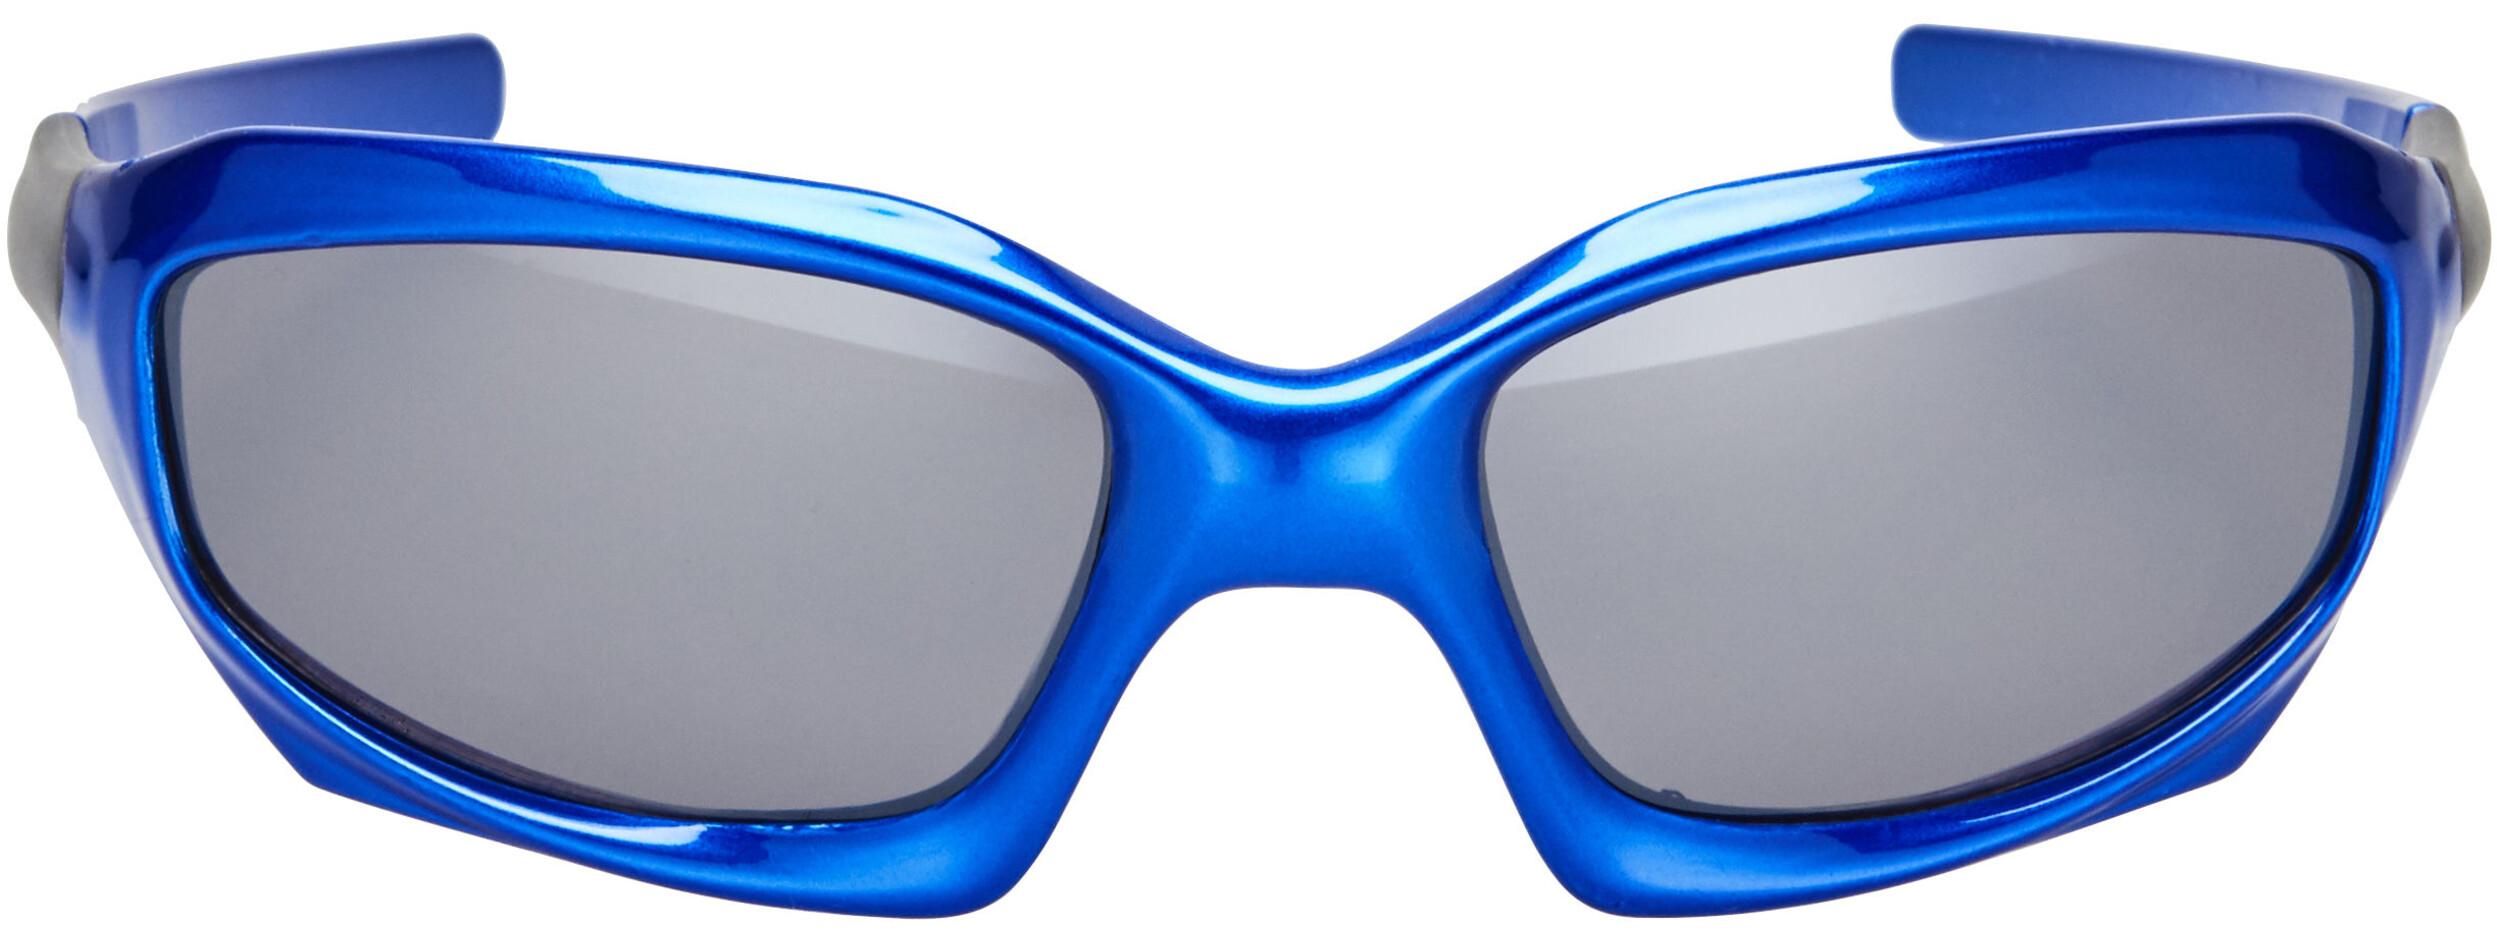 85a8a71174 XLC Maui - Gafas ciclismo Niños - azul | Bikester.es